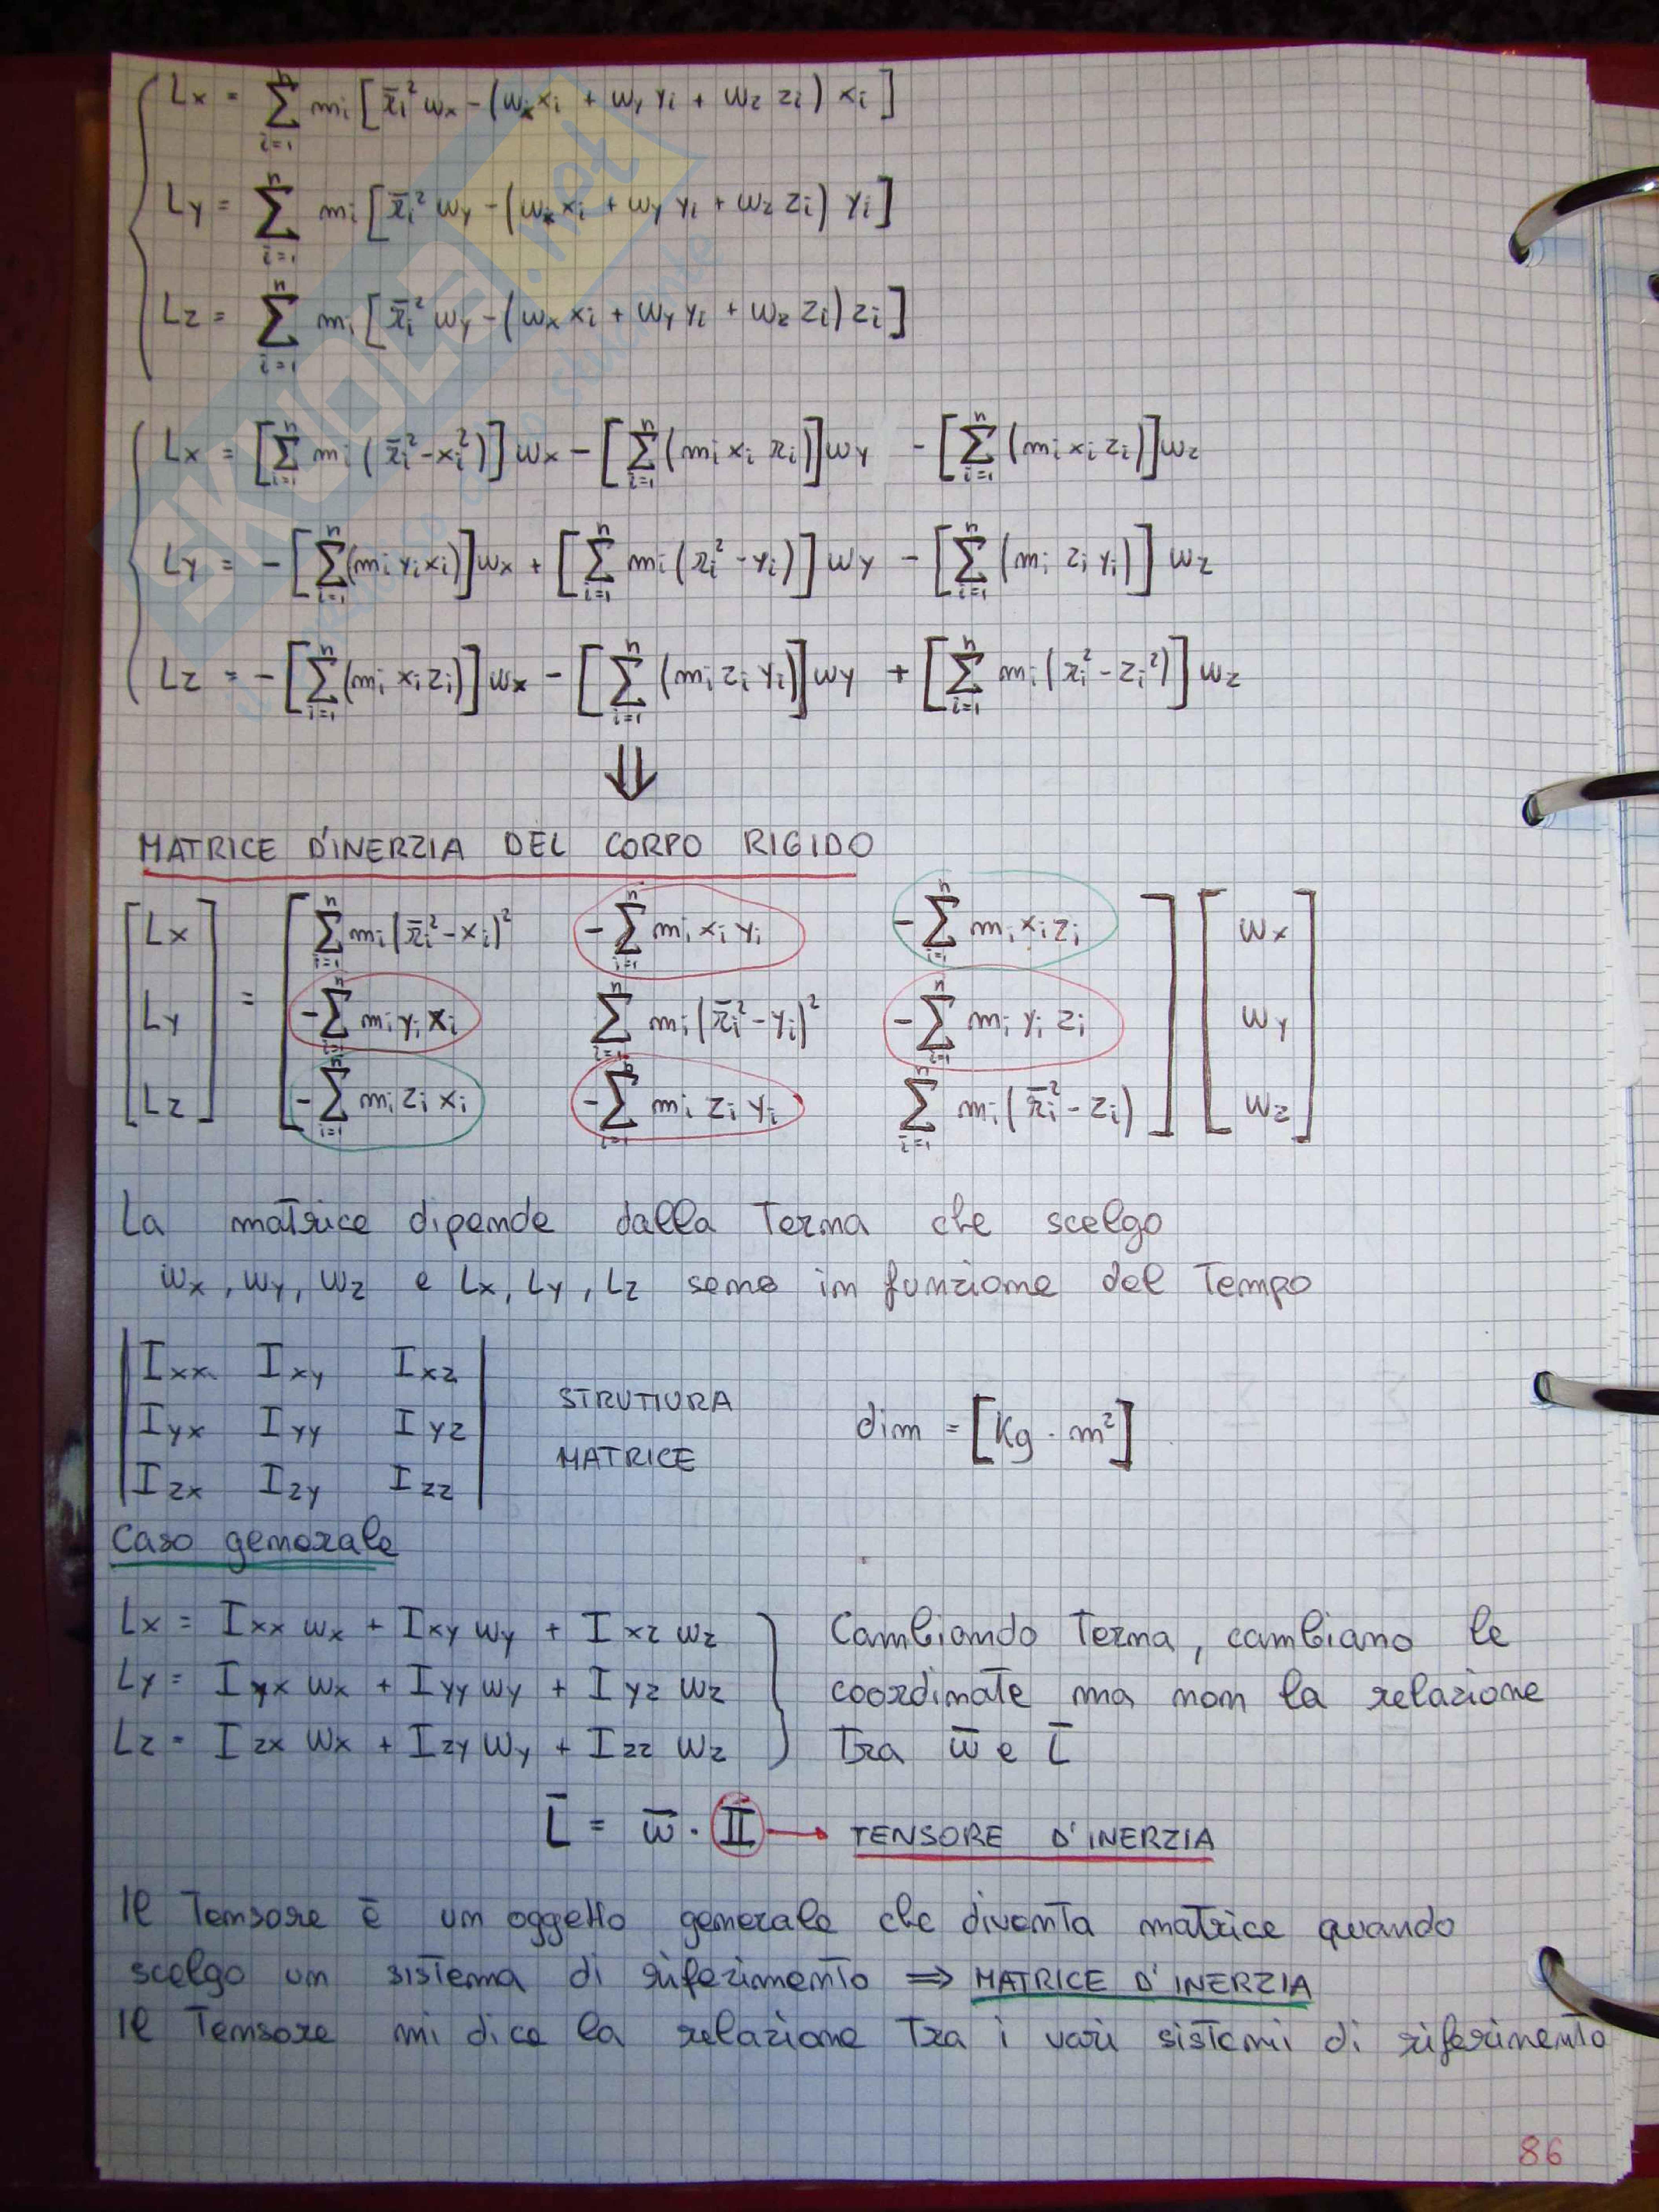 Fisica Generale: meccanica e termodinamica - Teoria Pag. 86